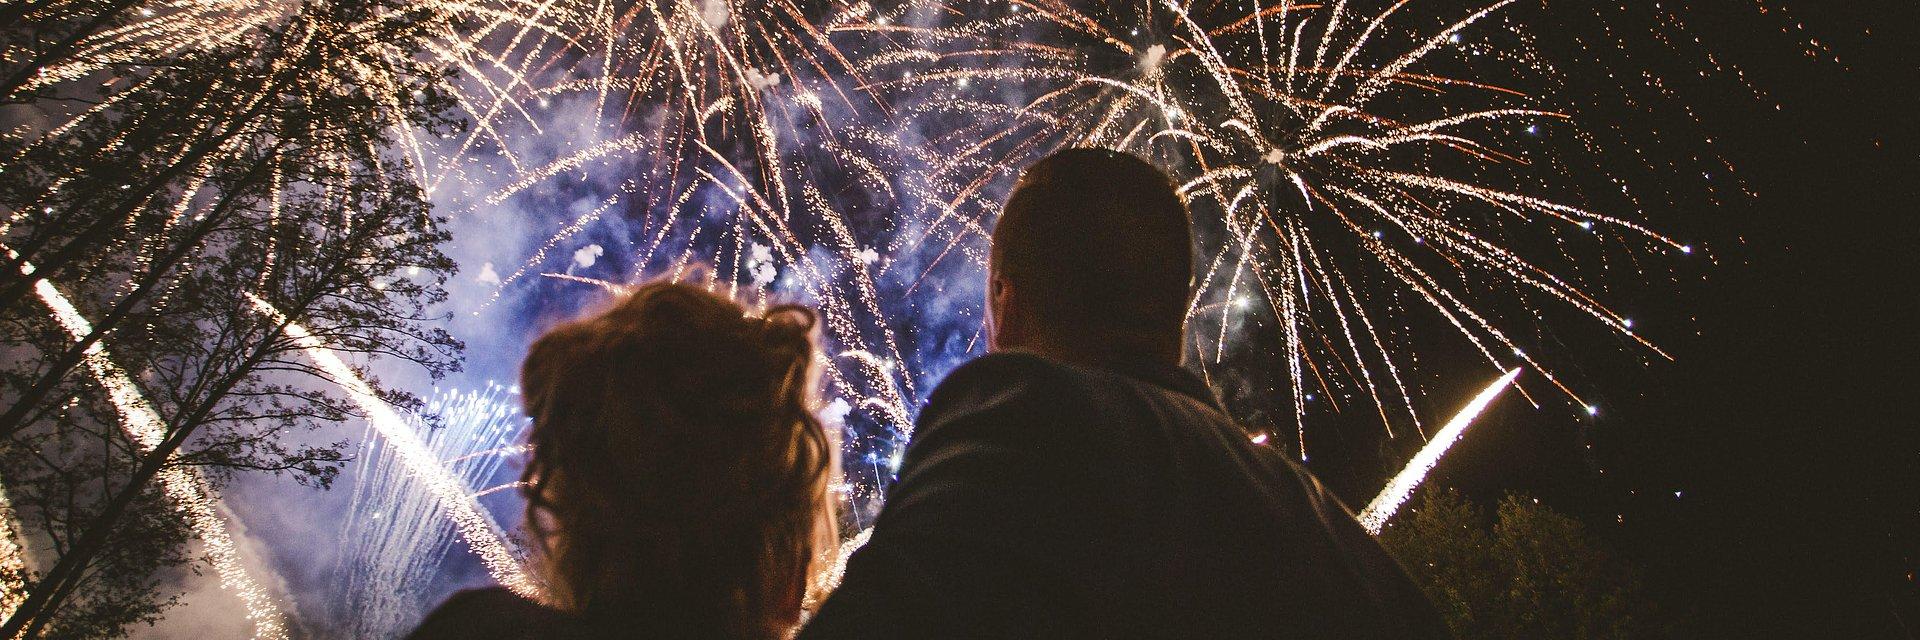 Polacy wciąż kochają fajerwerki. Branża pirotechniczna podsumowuje Sylwestra